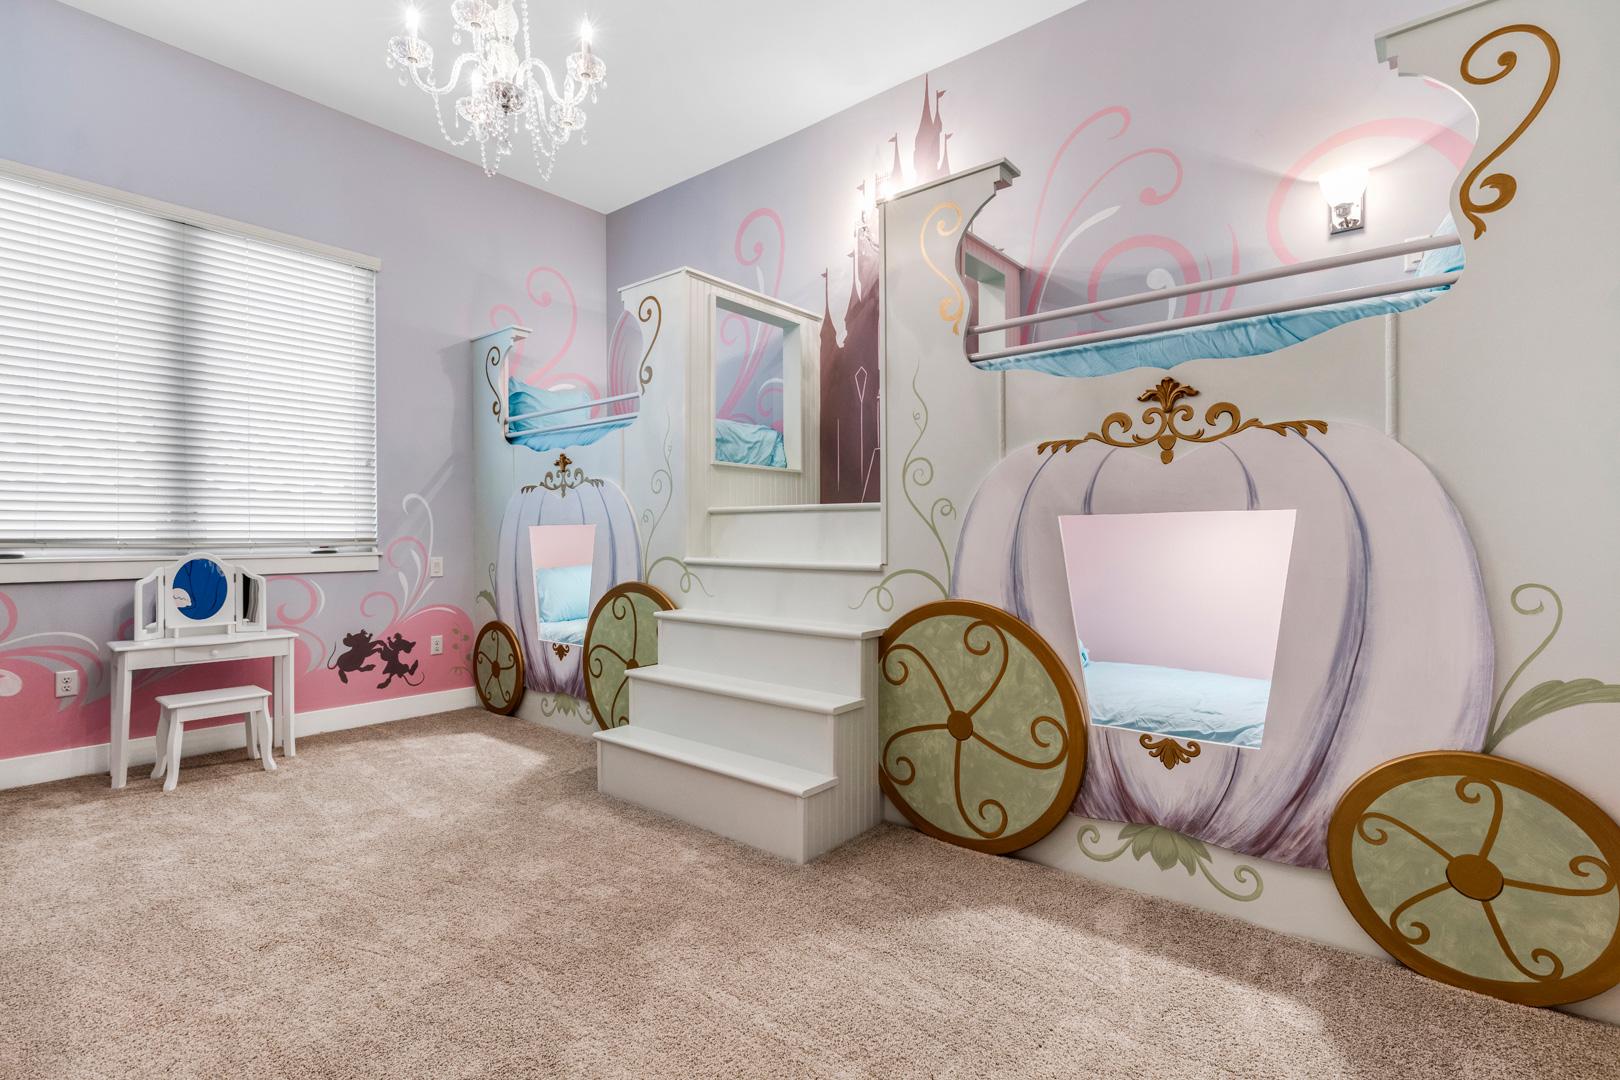 Bedrooms18